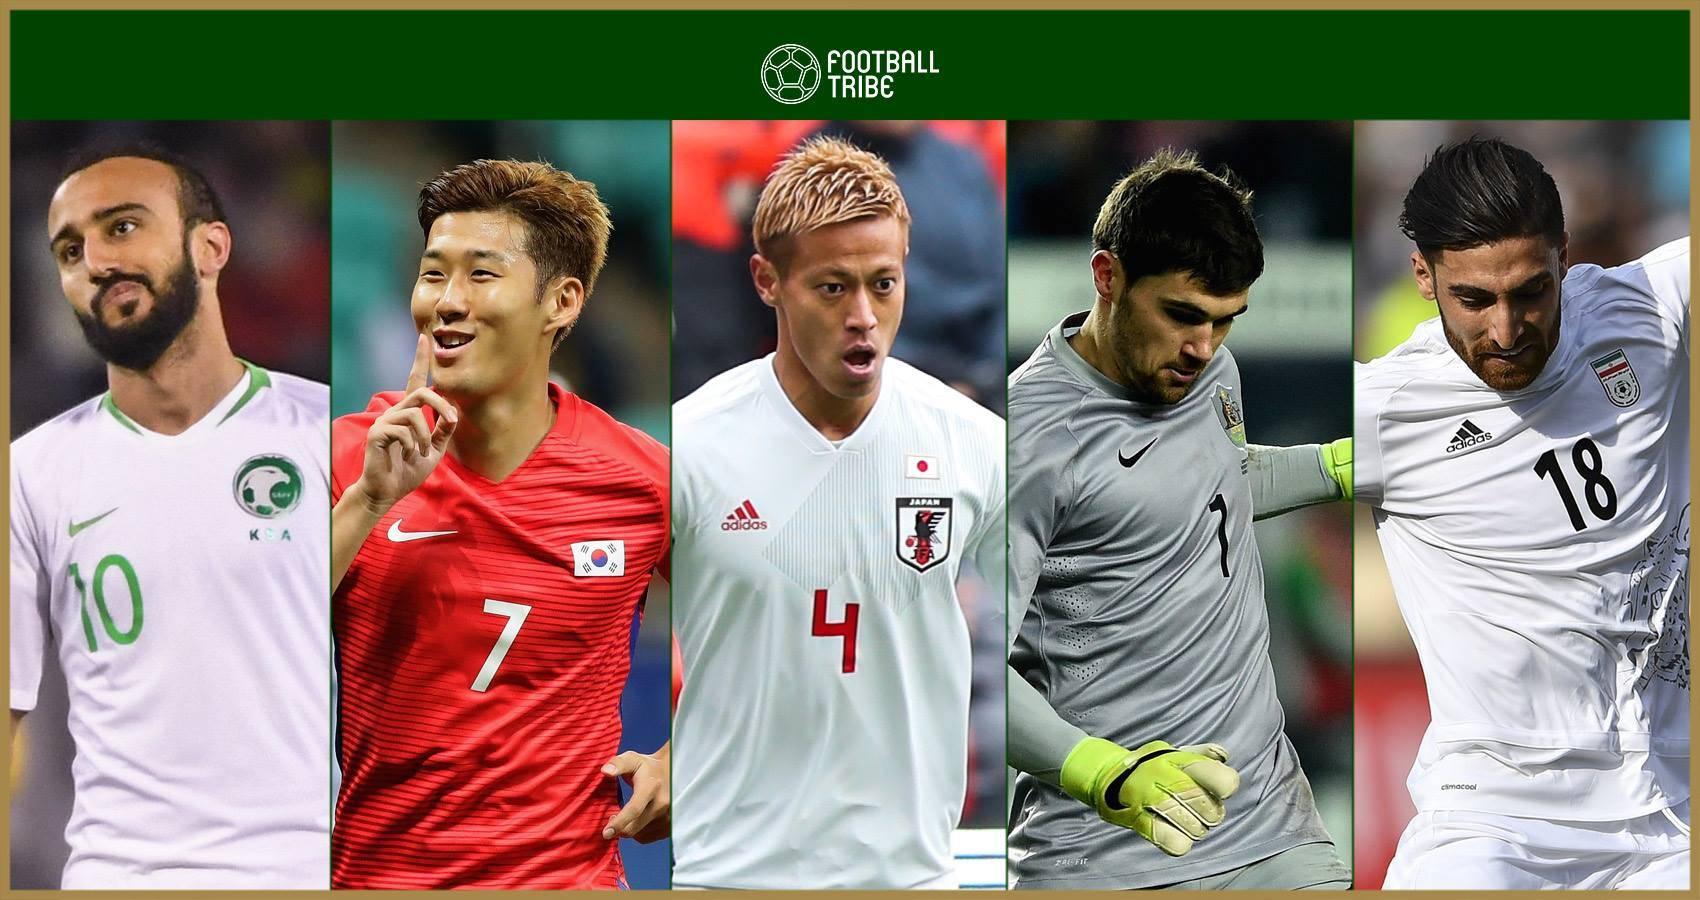 ตัวแทนทวีป : 10 แข้งเอเชียรอผงาดฟุตบอลโลก 2018